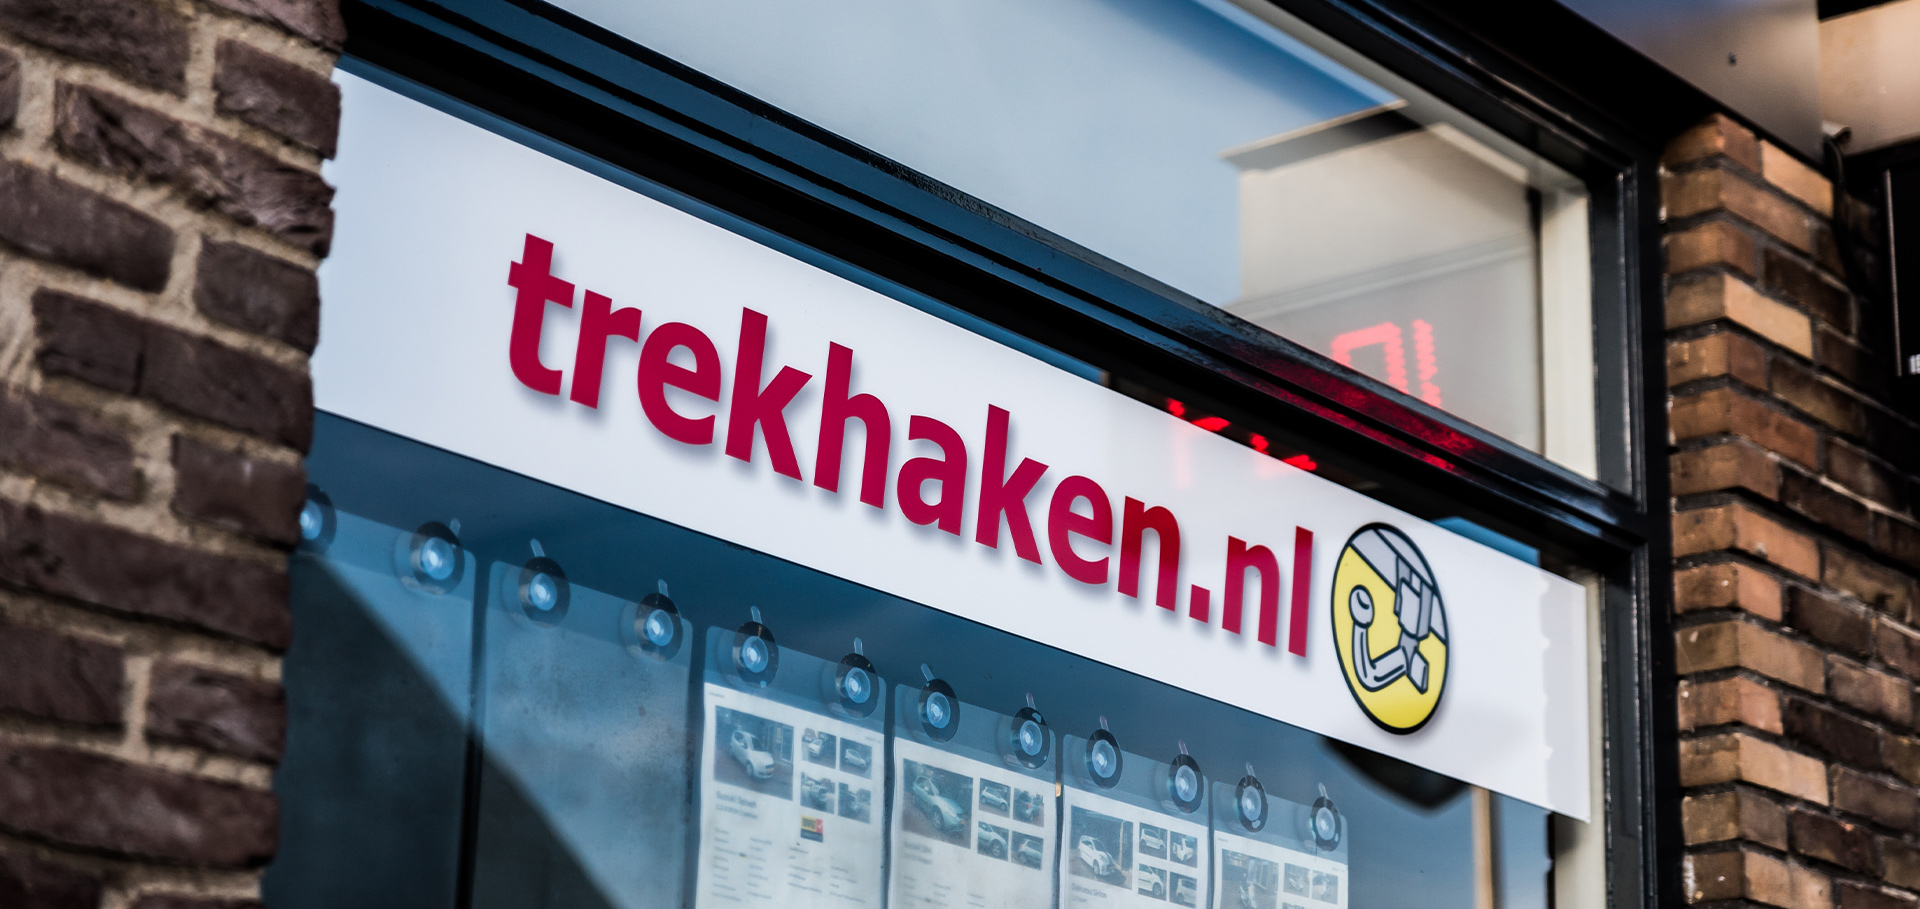 Trekhaken.nl Idelenburg & van Tol